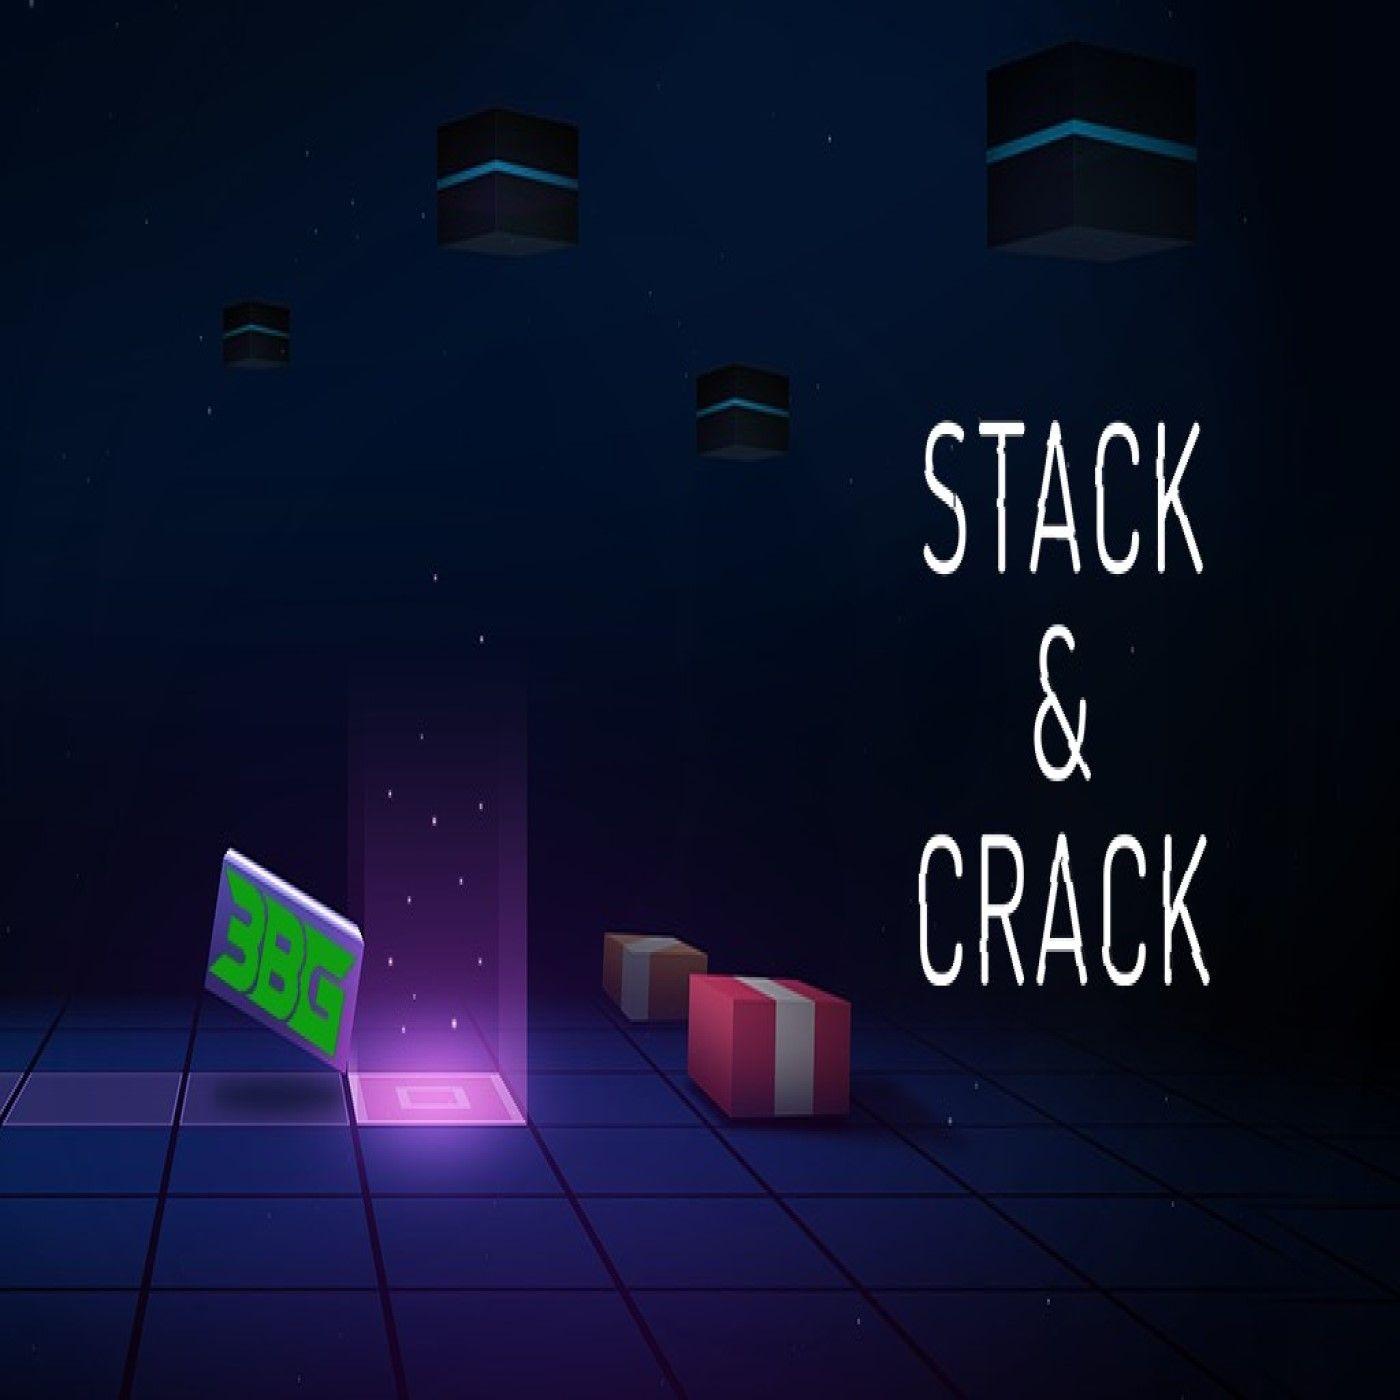 Episode 215 - Stack & Crack